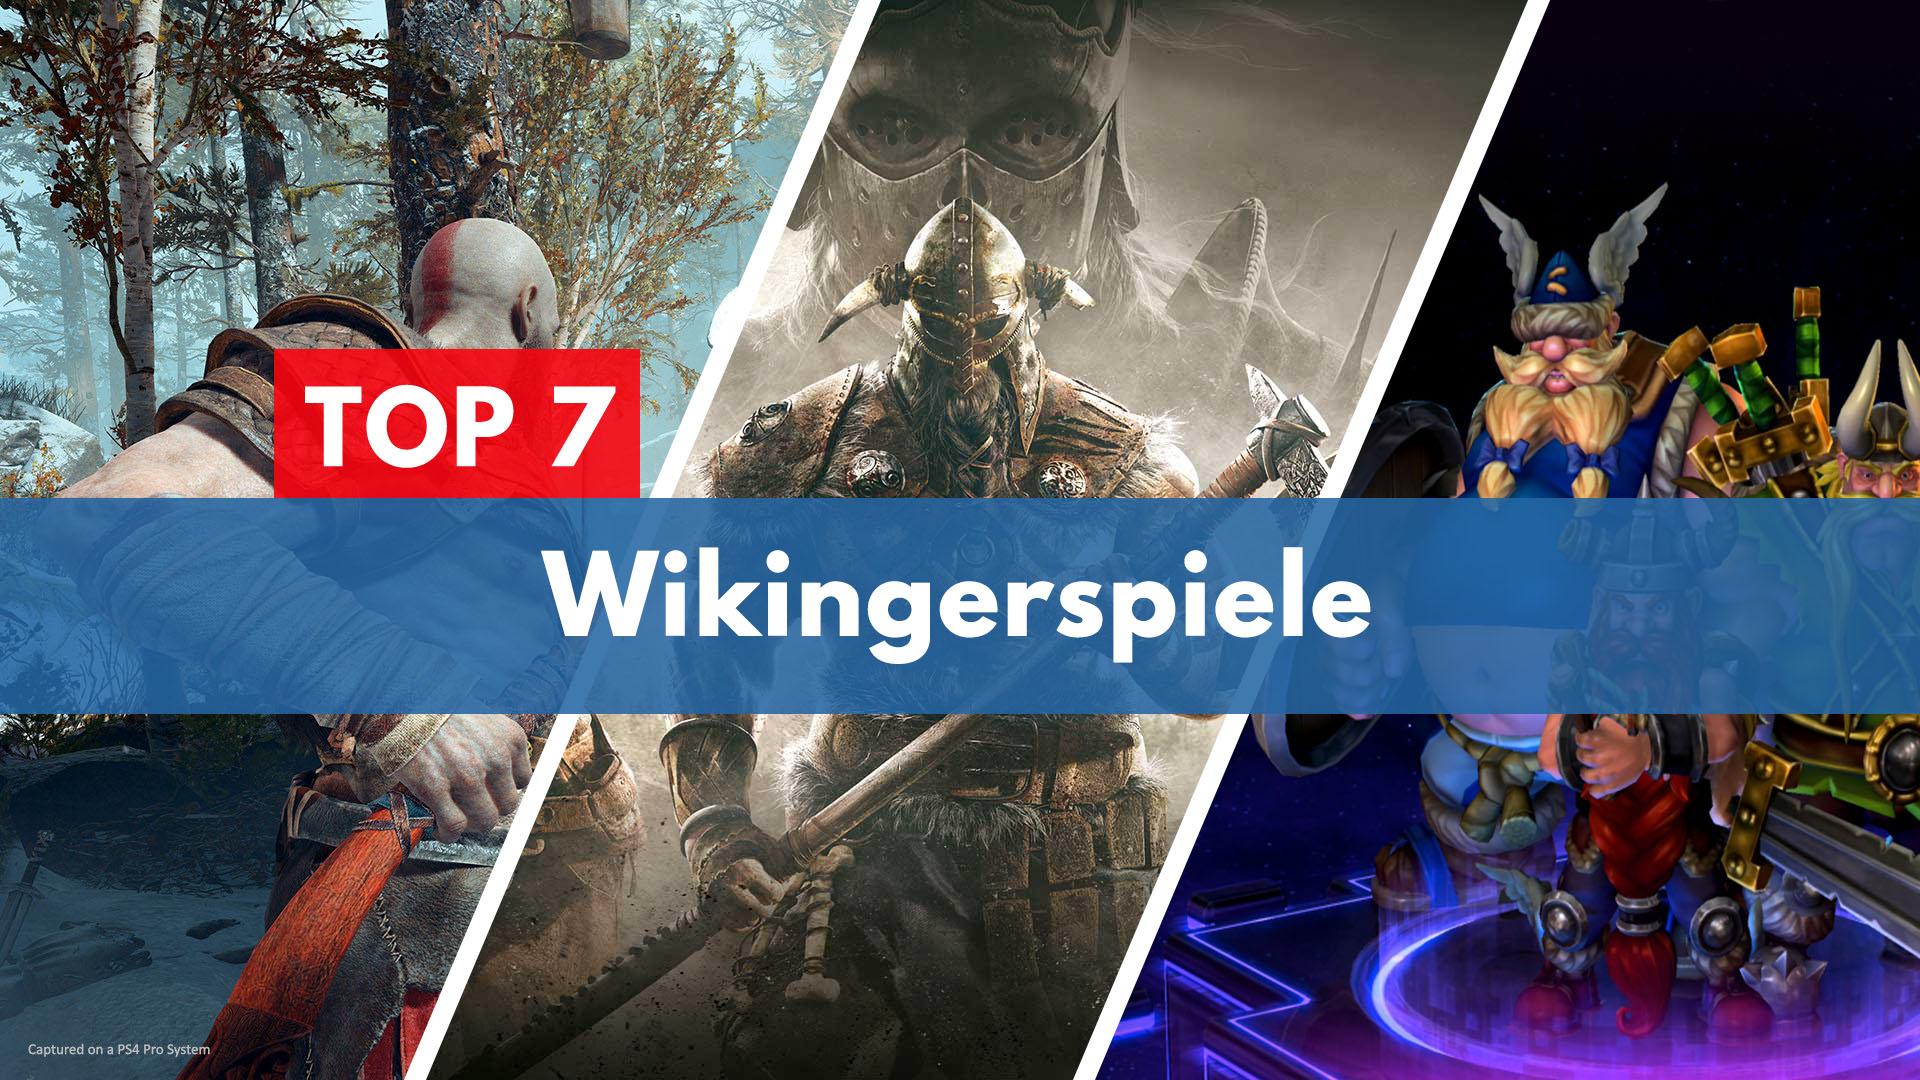 Top 7 Wikingerspiele